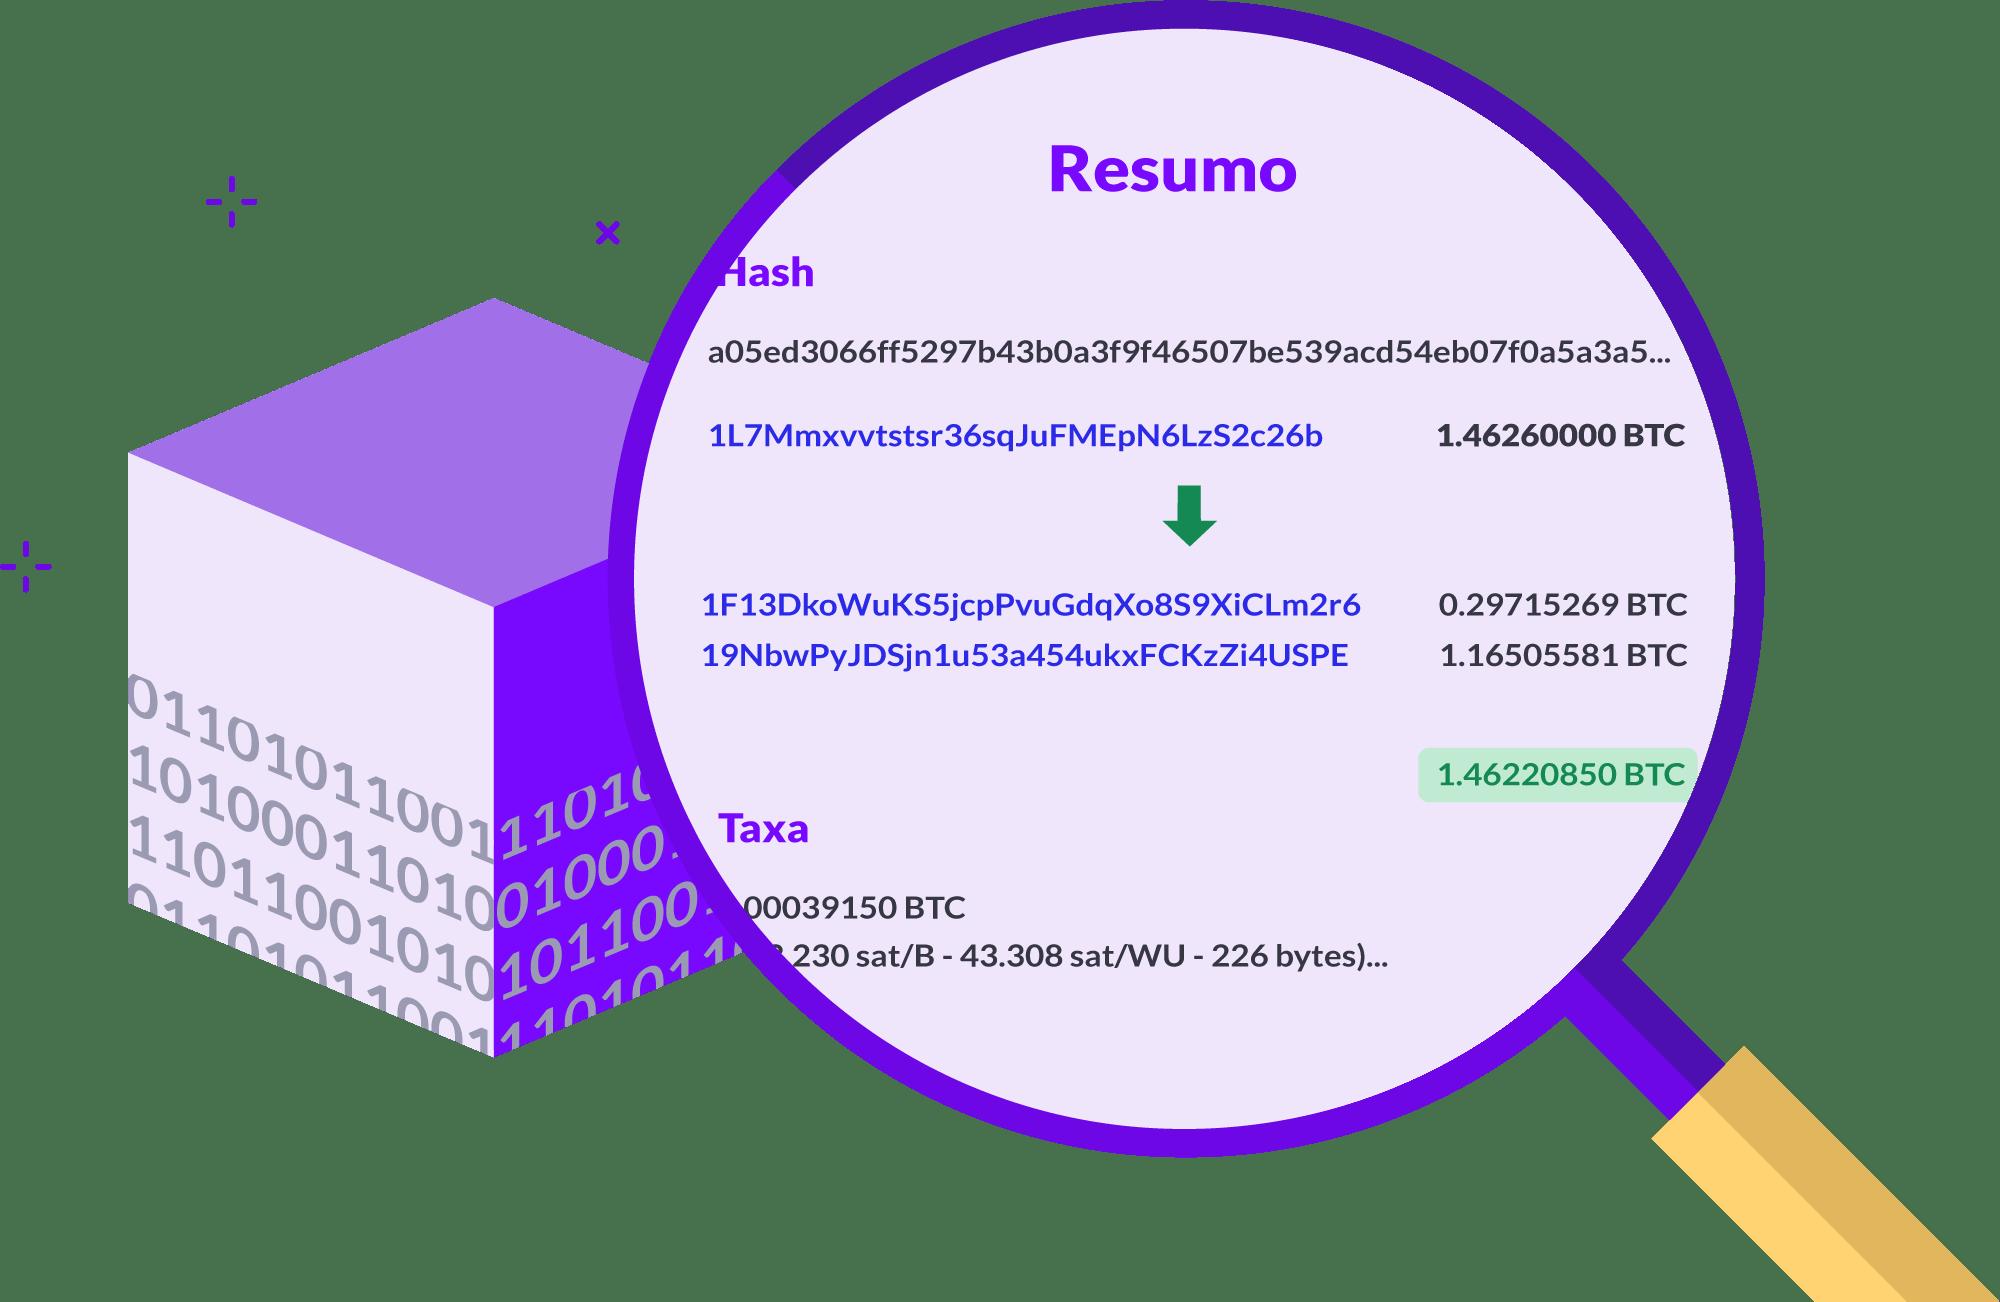 Como explorar o blockchain